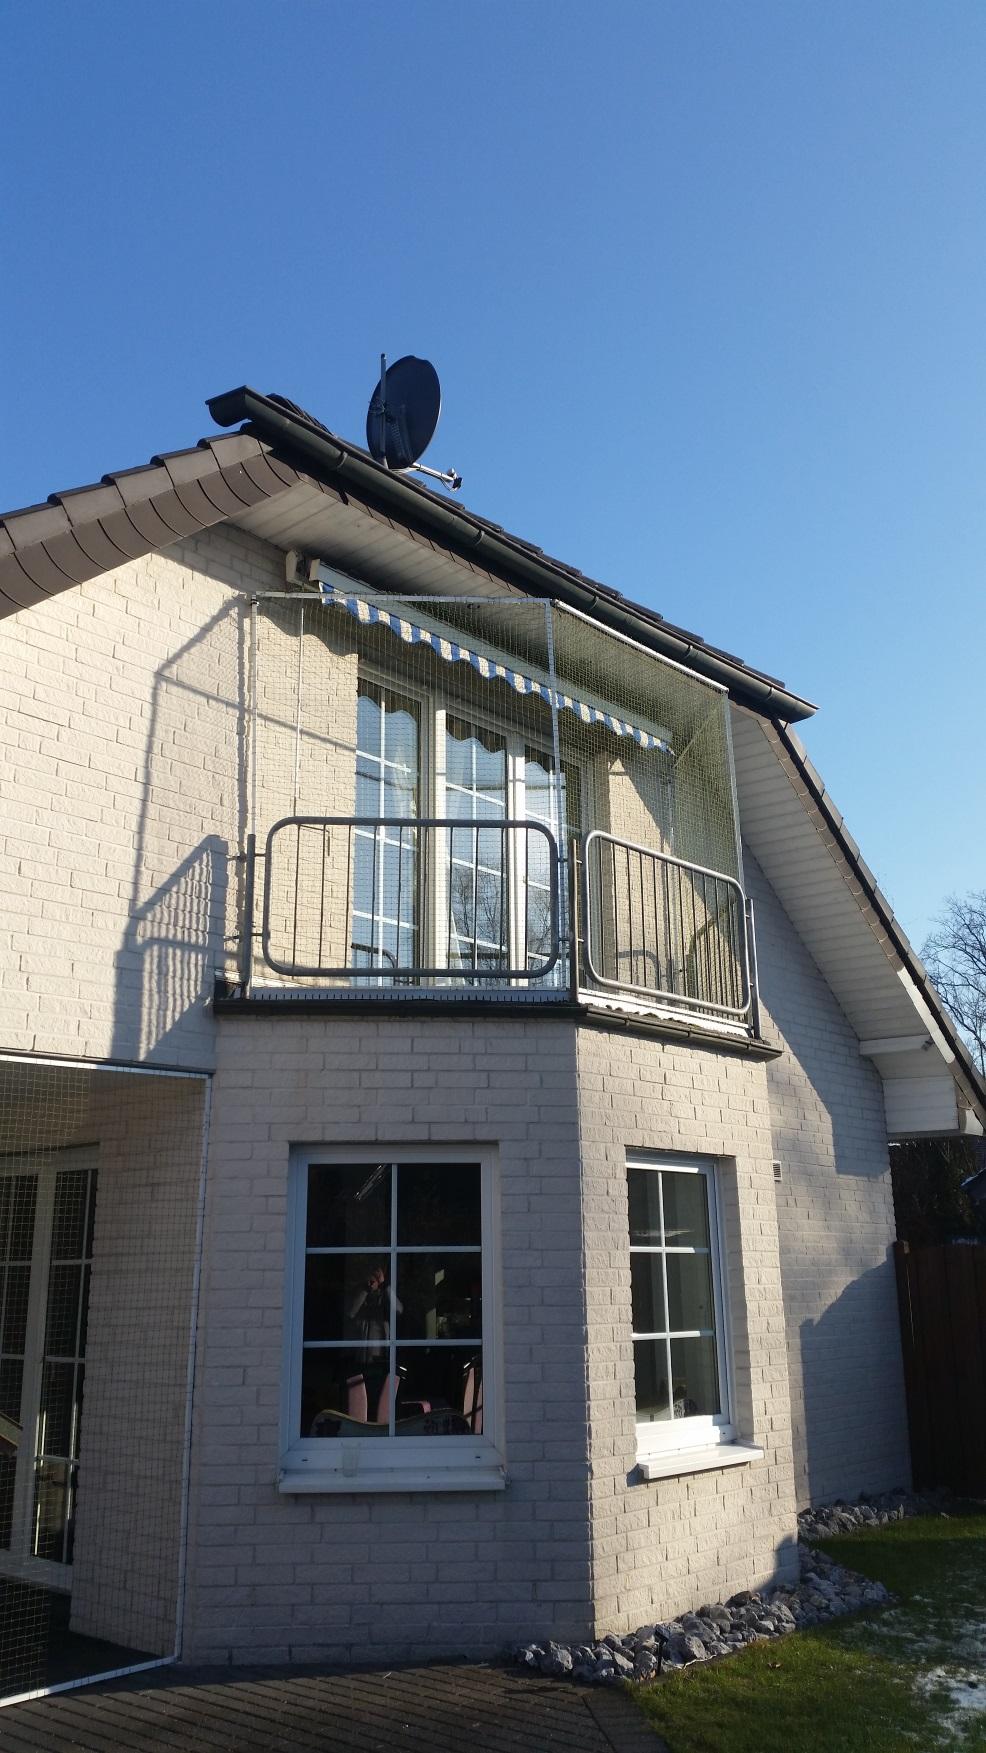 Balkon Und Terrasse Mit Katzennetz System Abgesichert